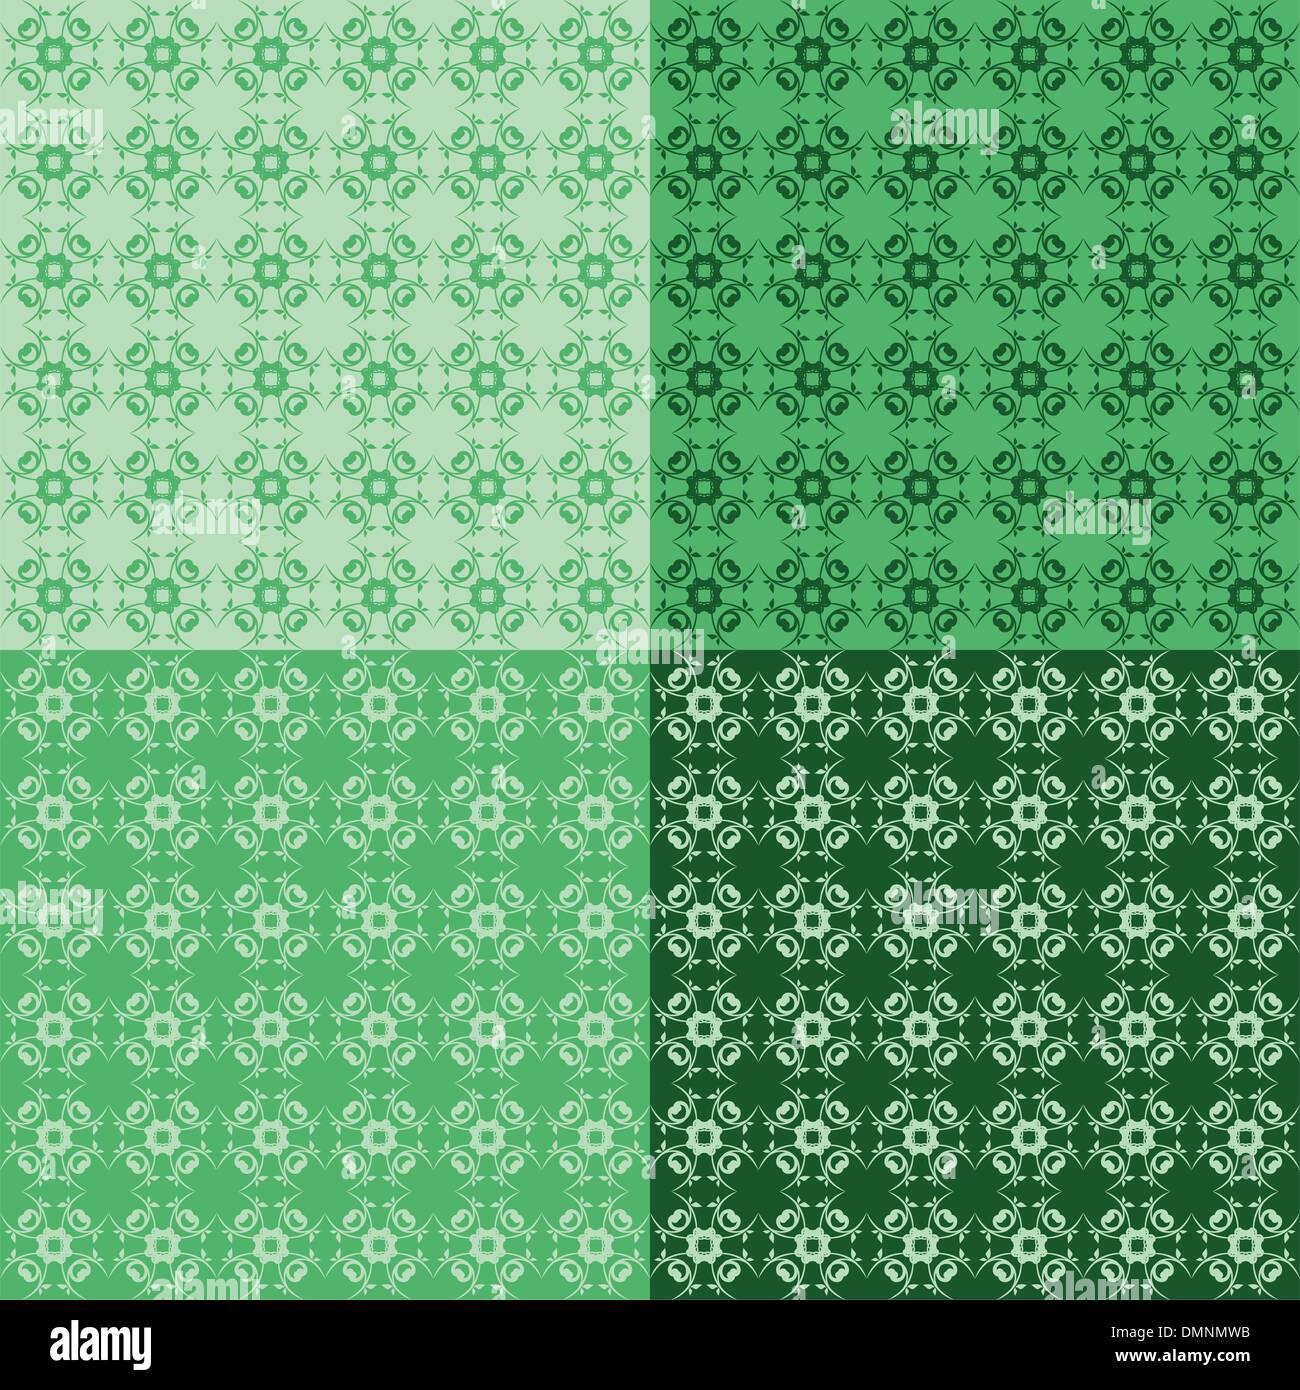 Seamless sfondo grafico Immagini Stock